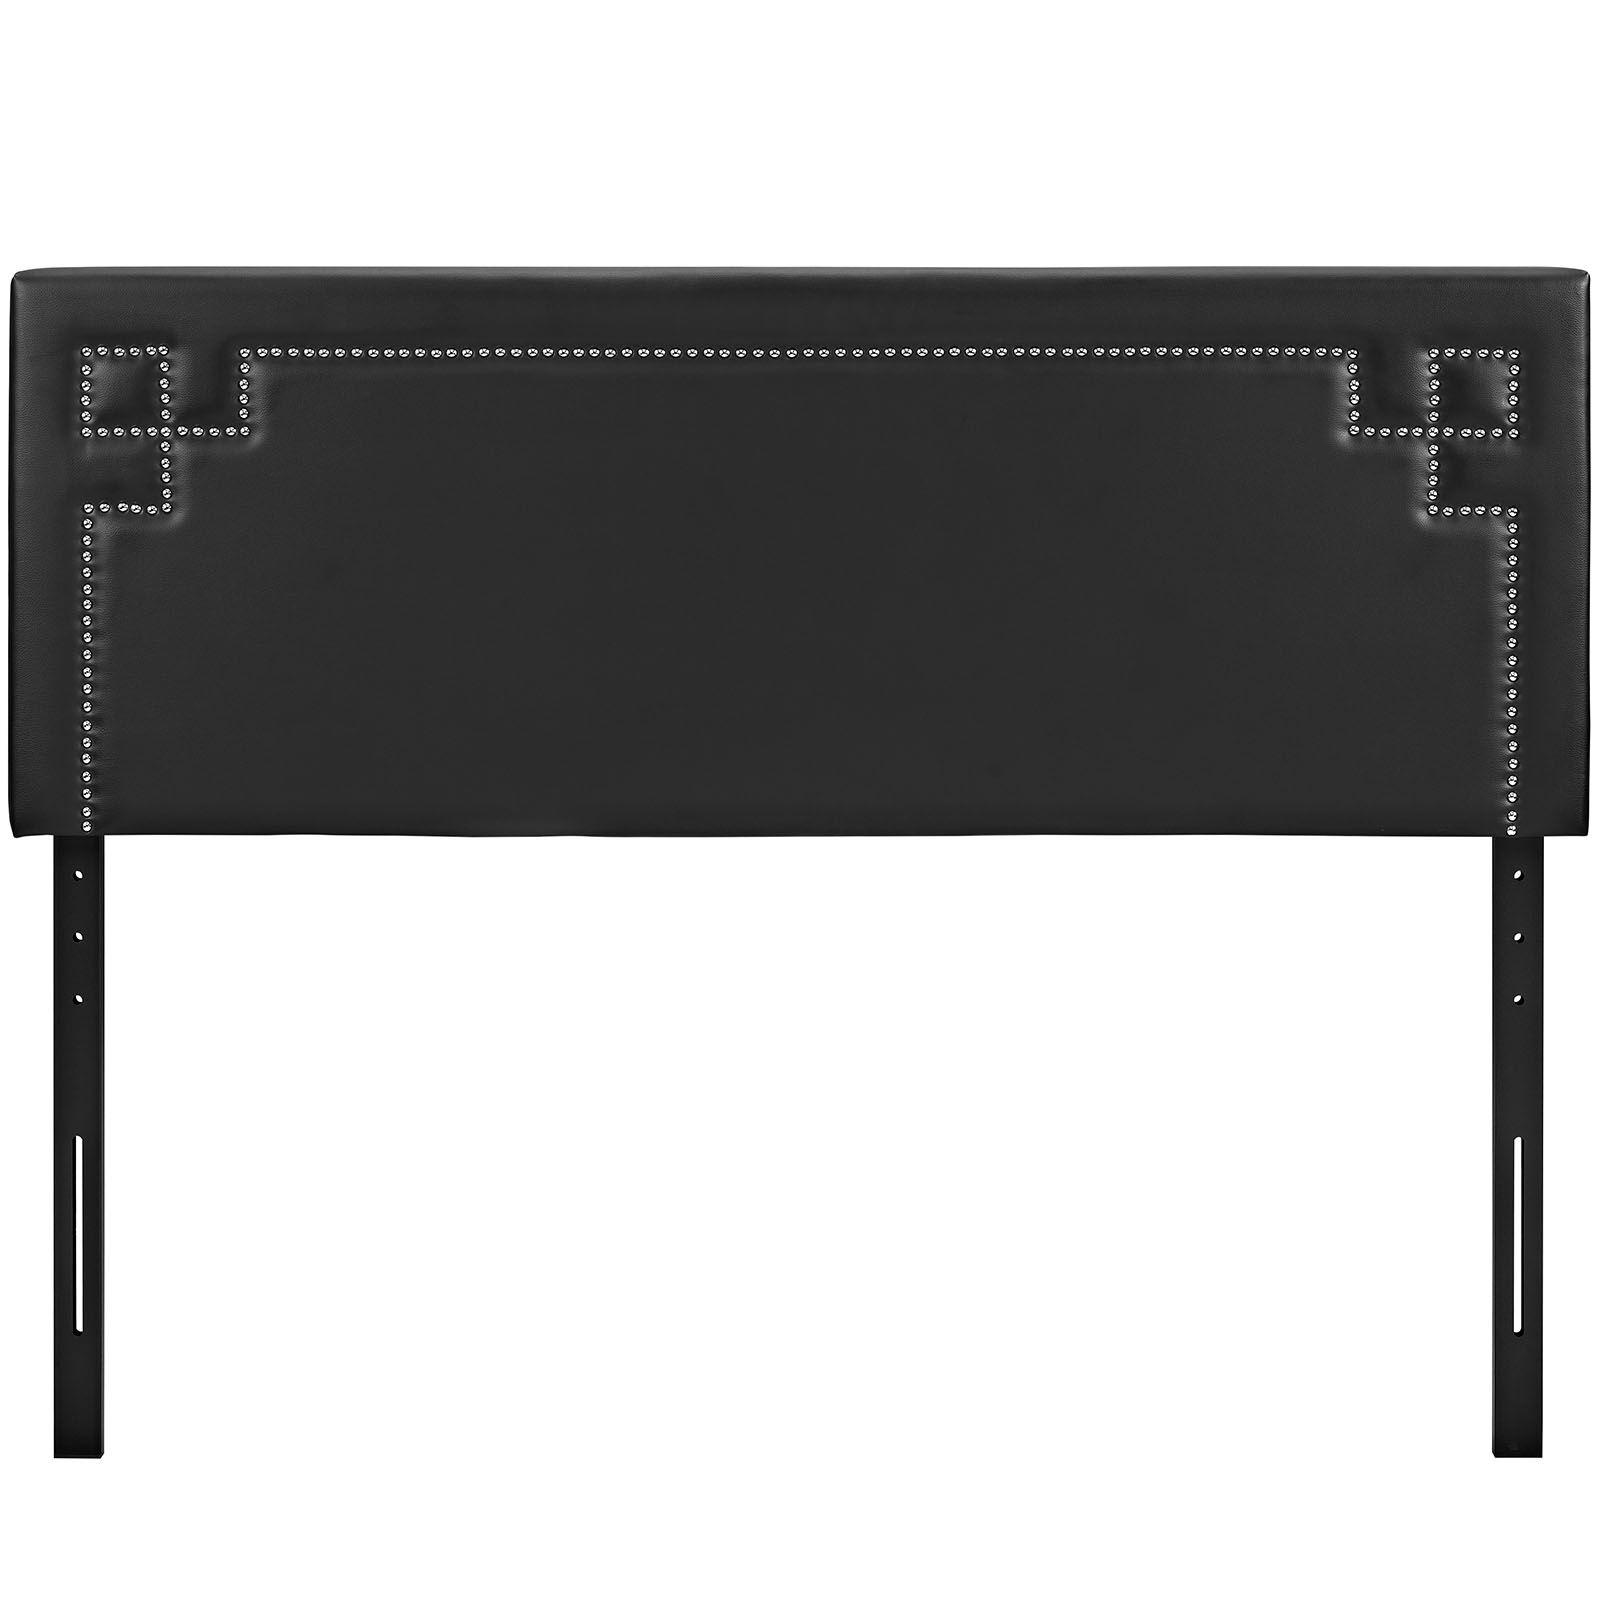 Kerley Upholstered Panel Headboard Size: Full, Upholstery: Black